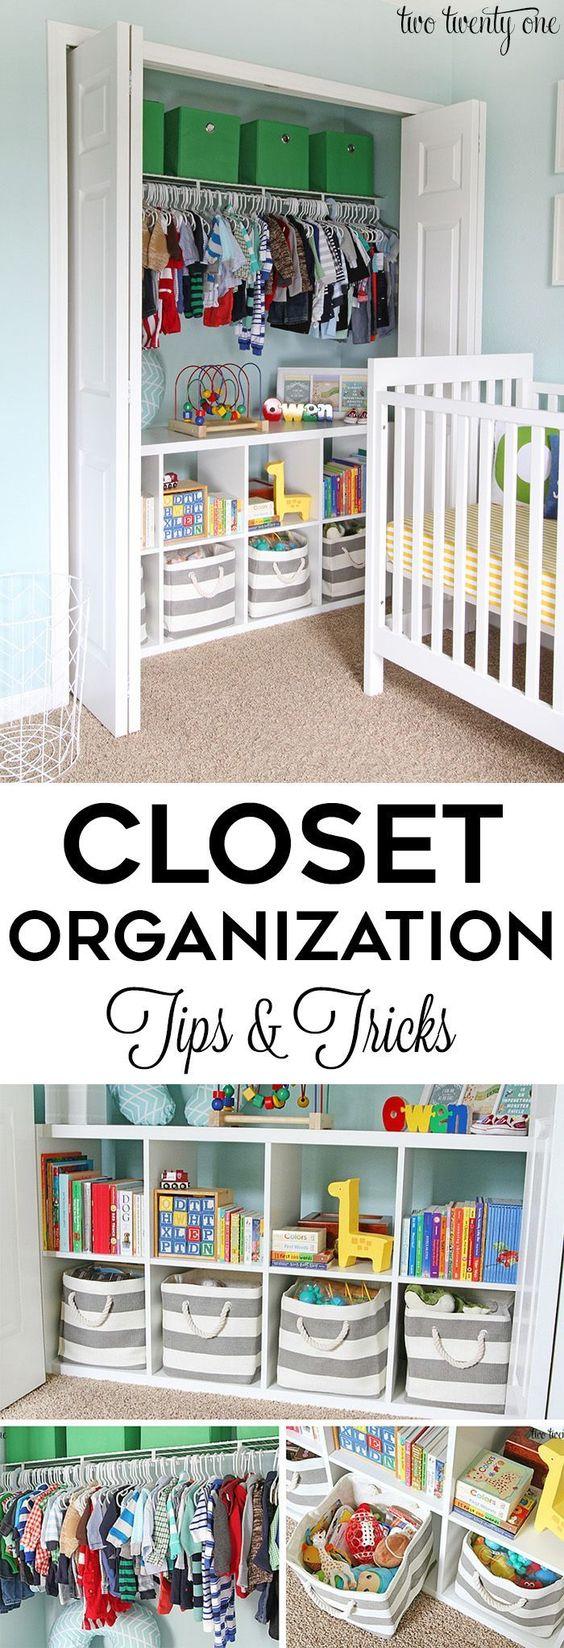 Organisierte toiletten, schrank and tipps, tricks und hacks on ...